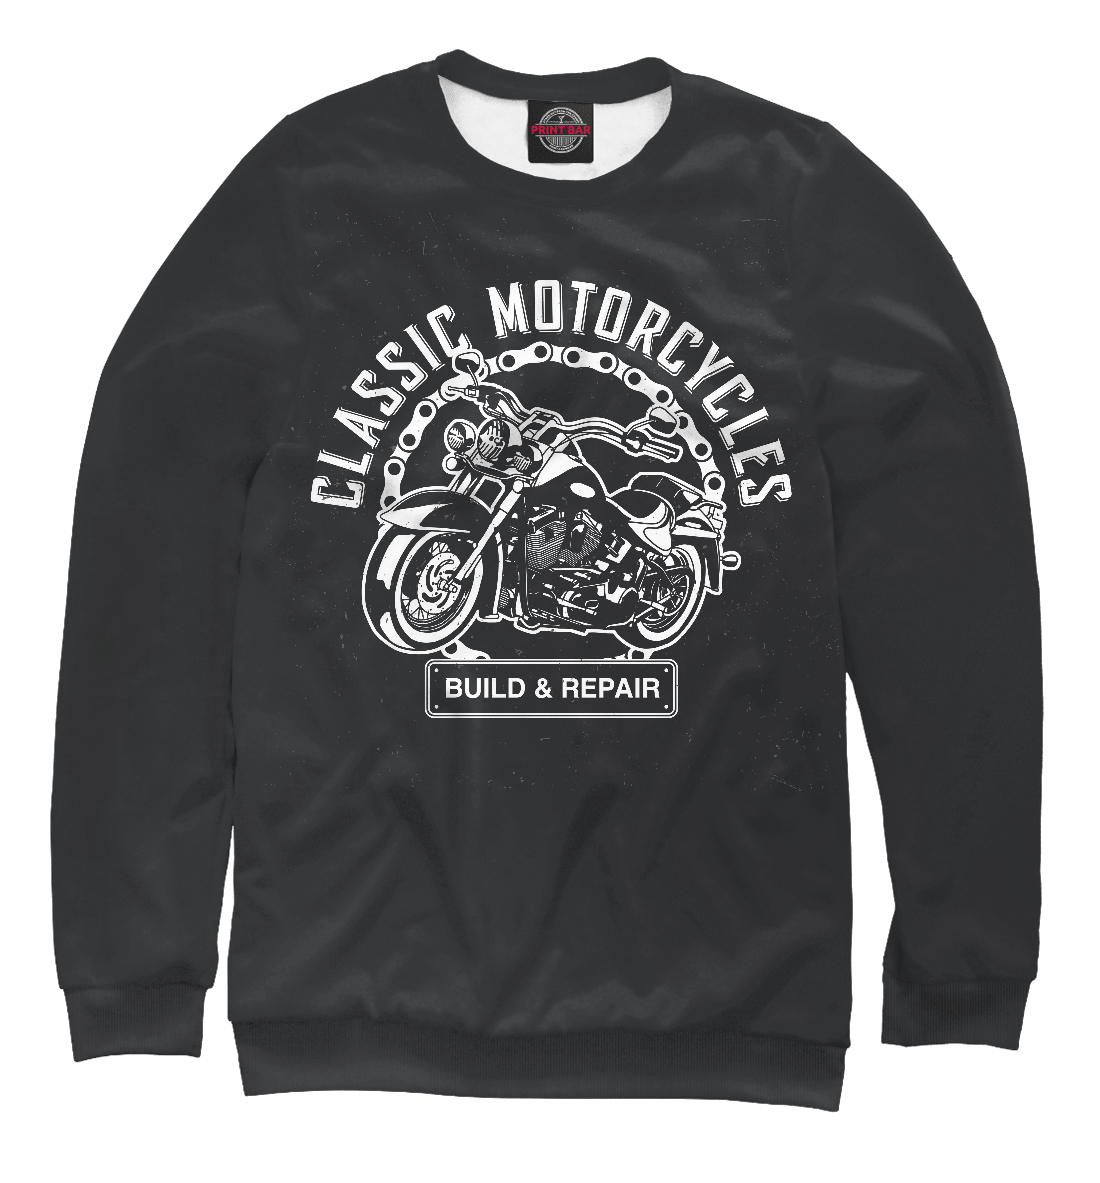 Купить Motorcycles, Printbar, Свитшоты, MTR-990811-swi-1